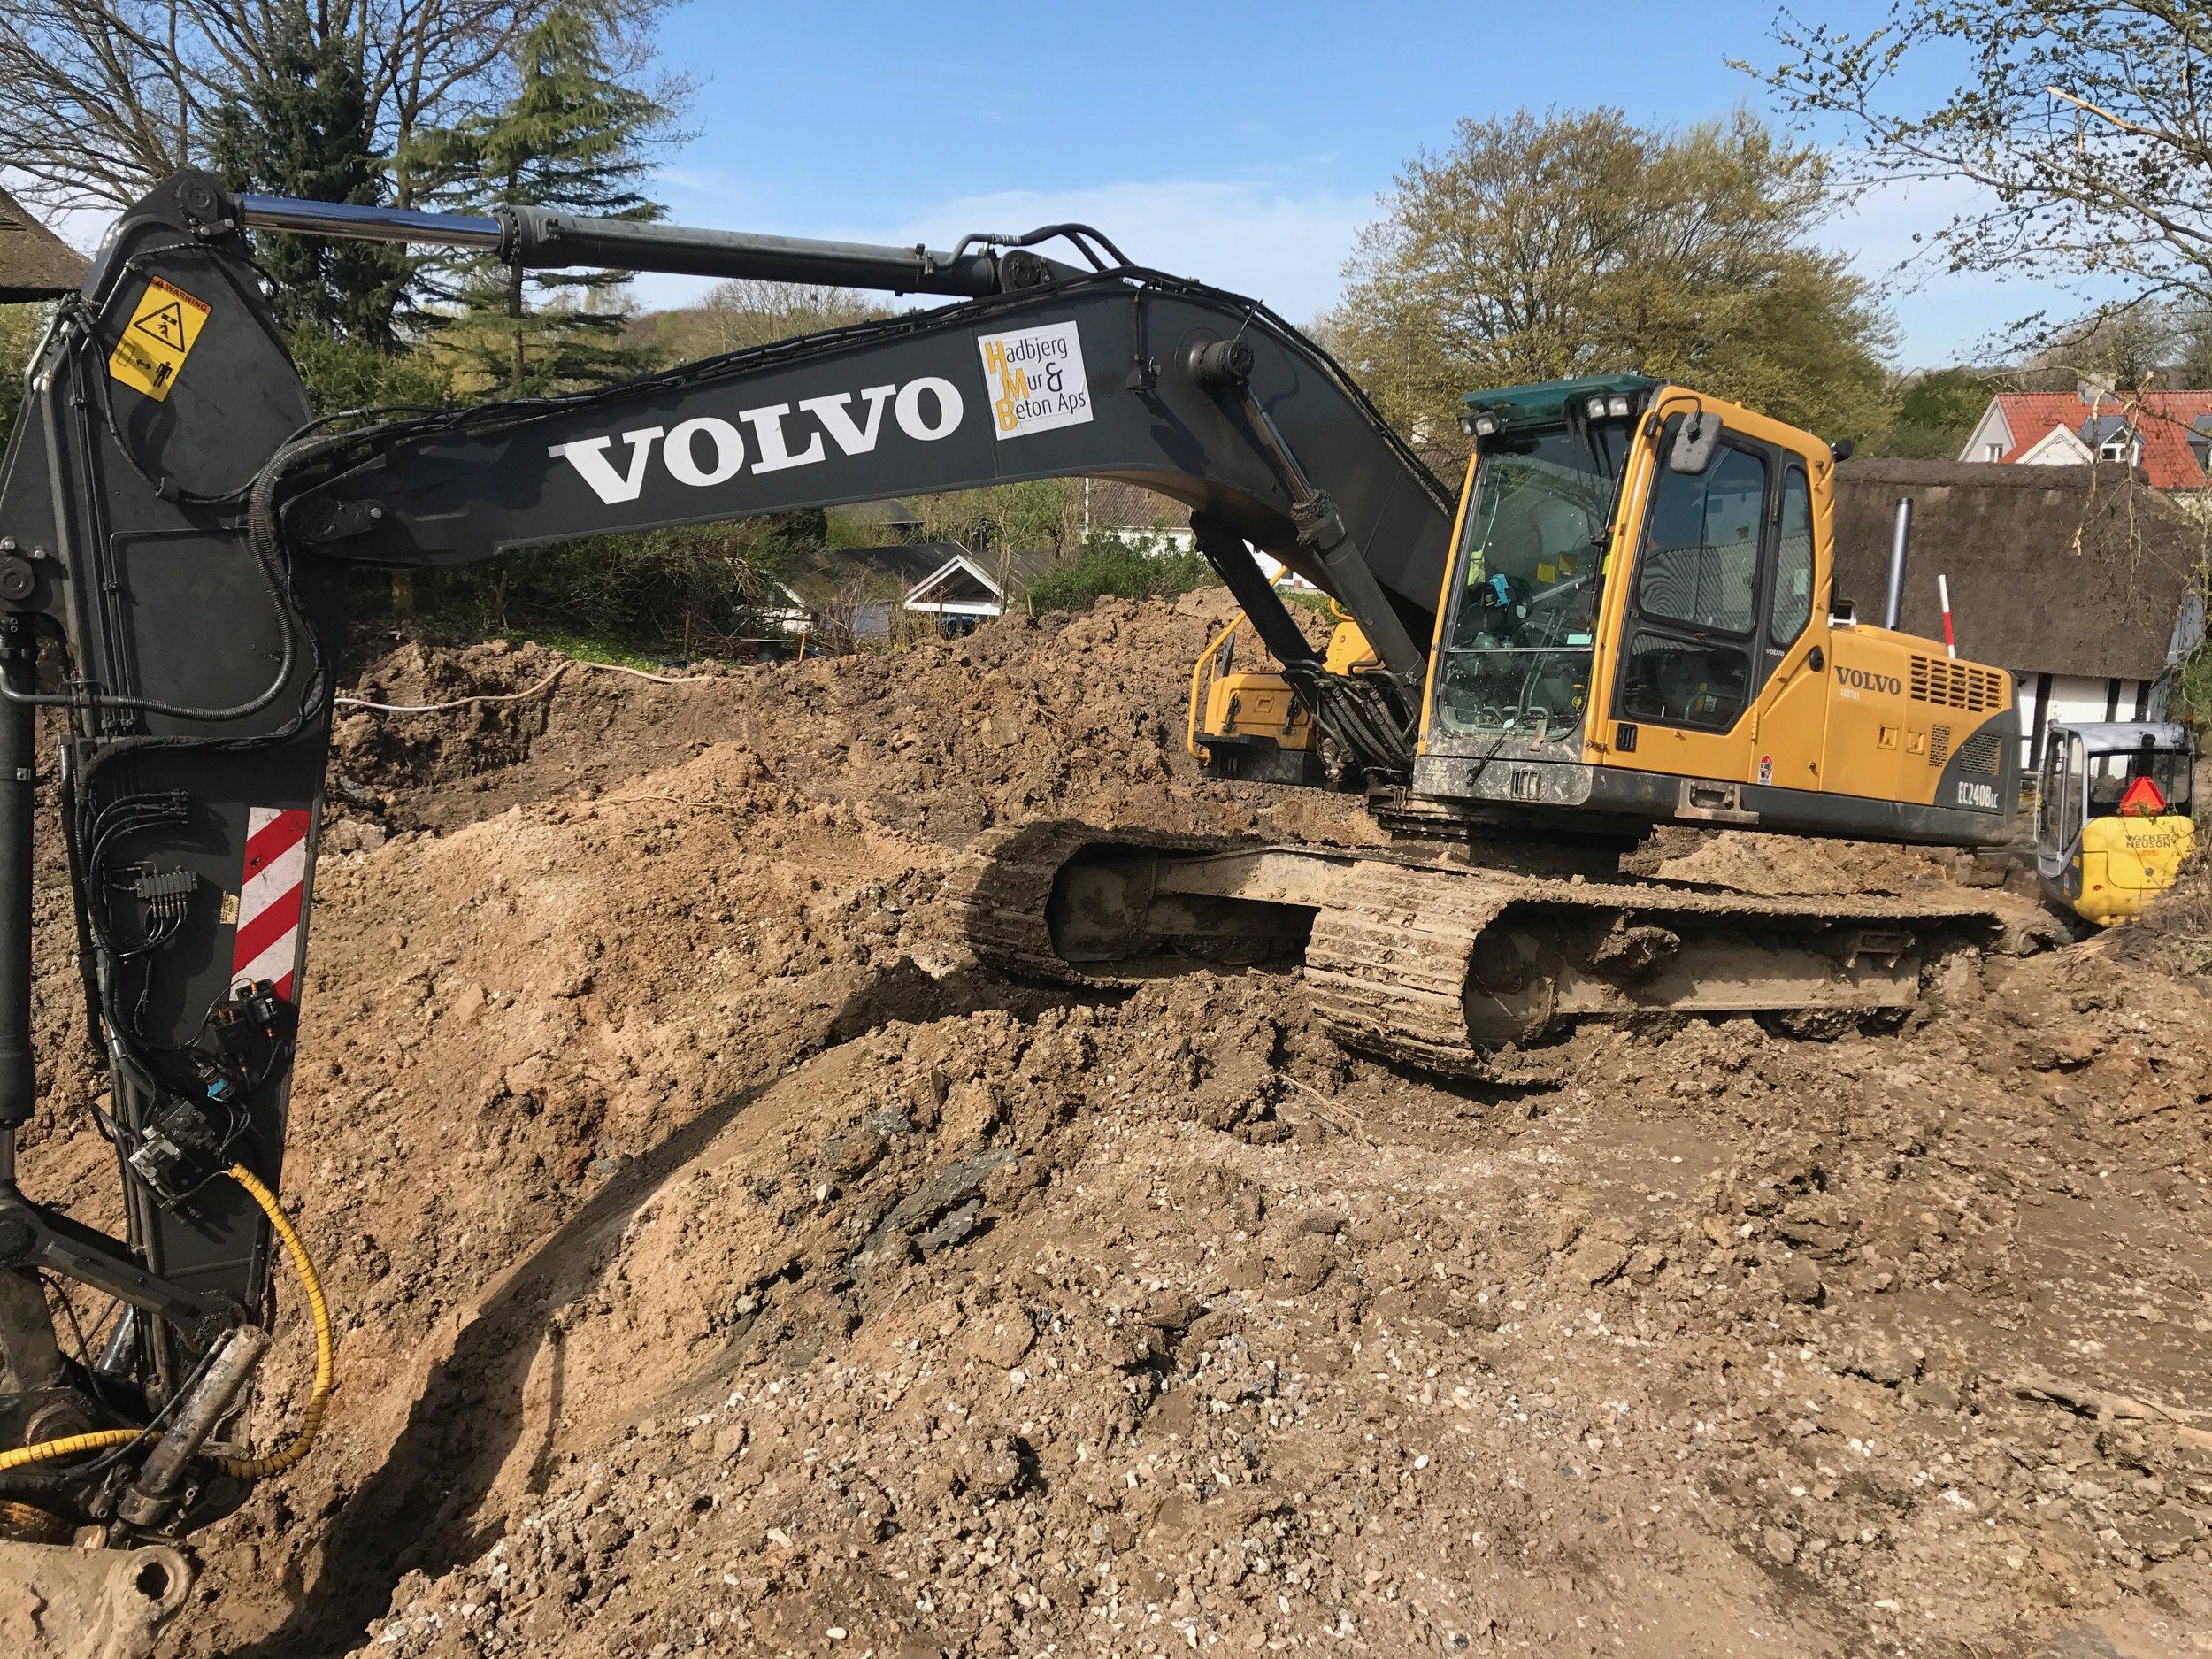 Udgravning nybyg.jpg